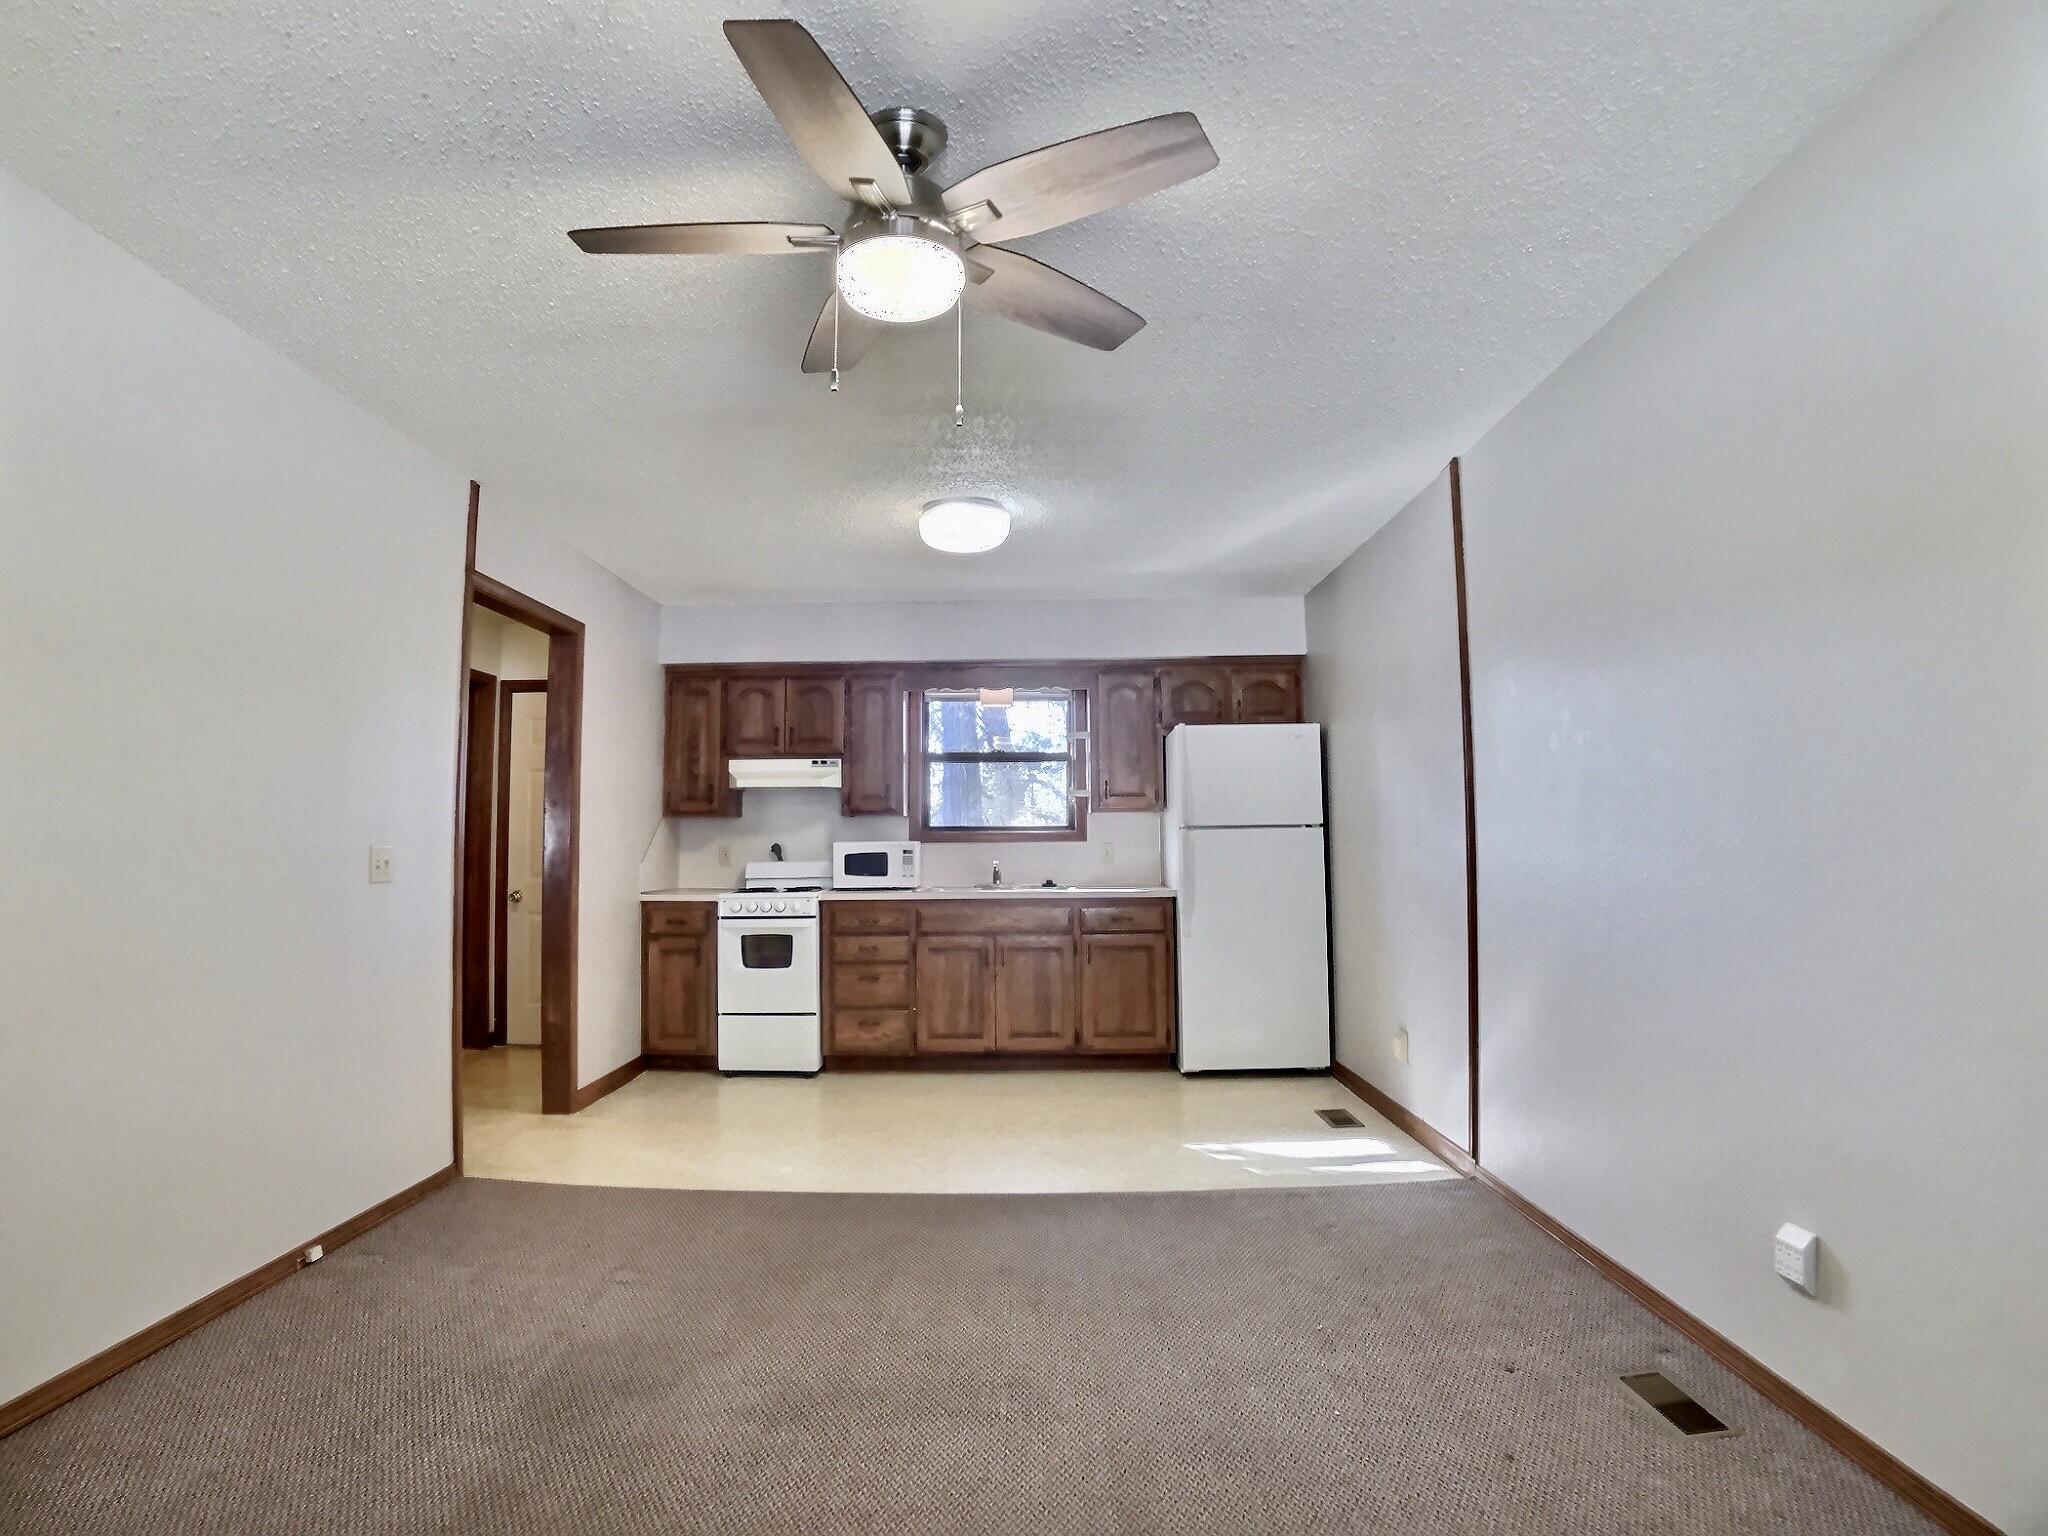 Kenwood - Living Room - kitchen